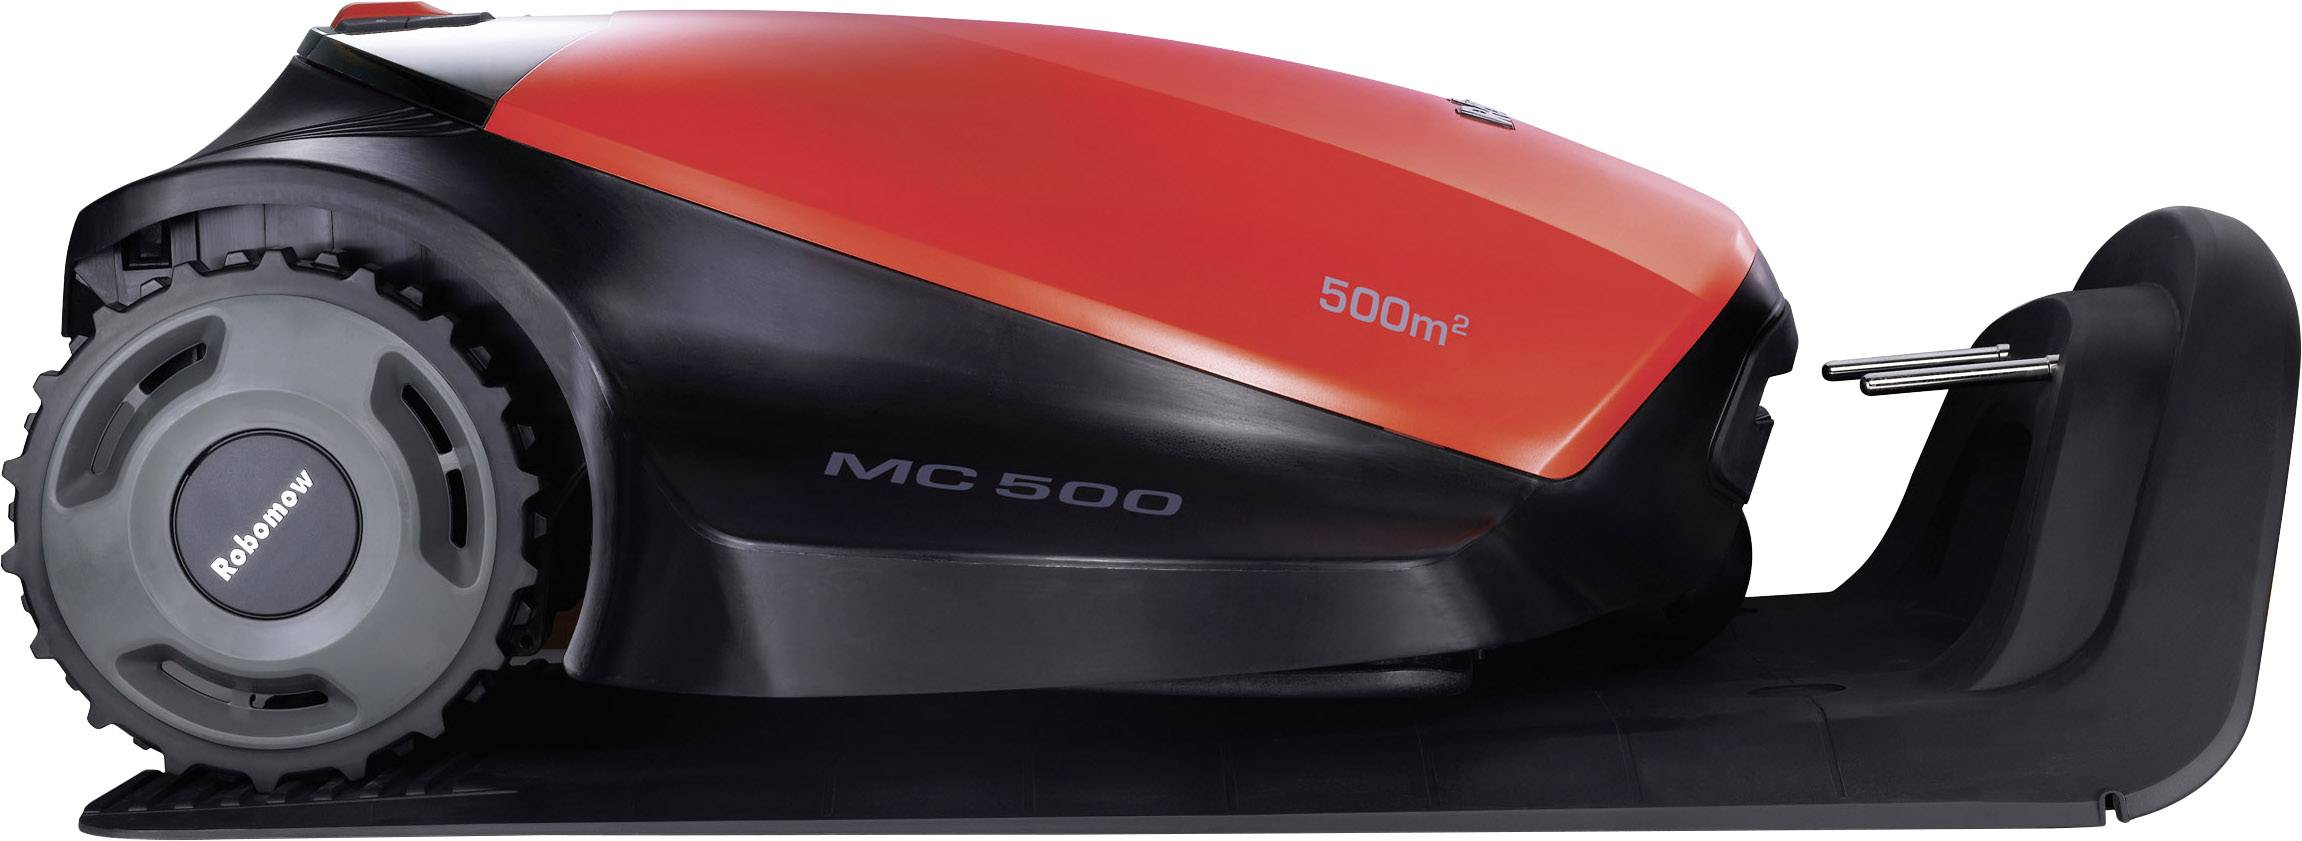 robomow robotgräsklippare mc500